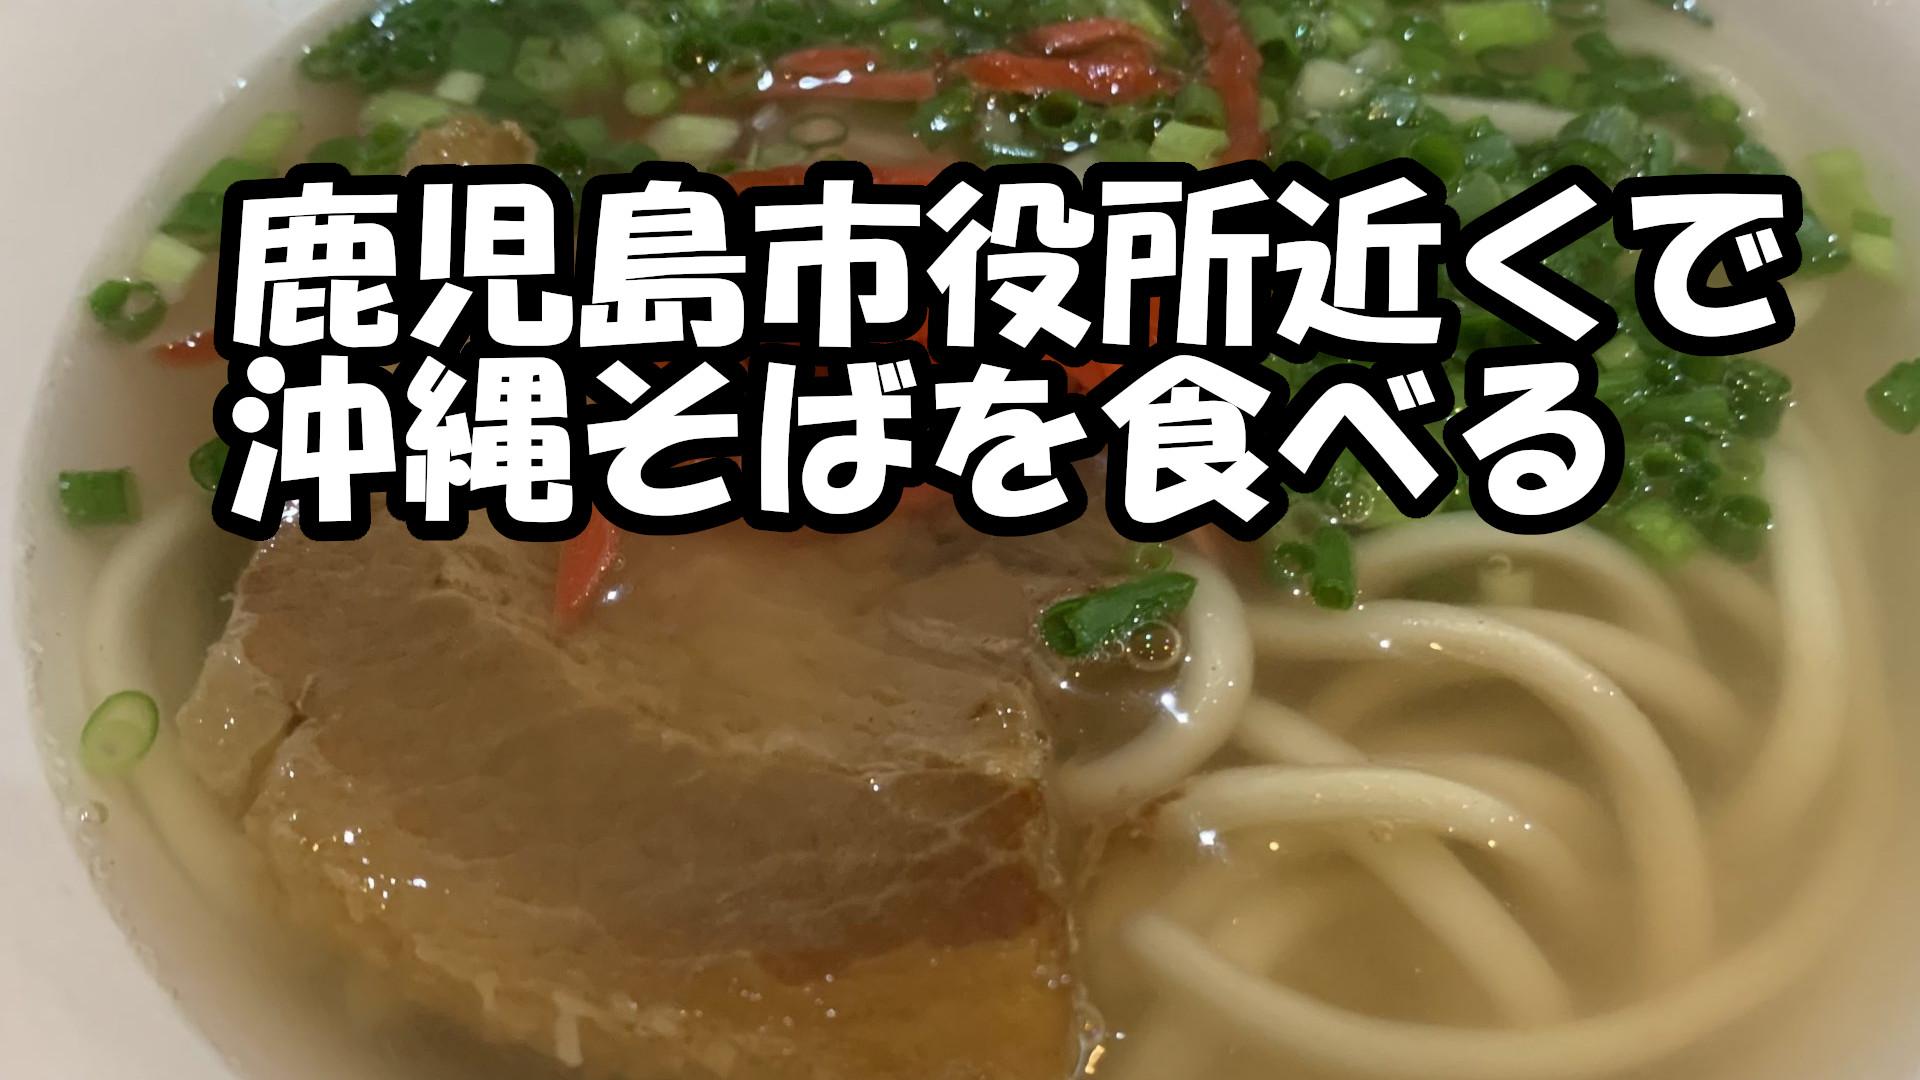 はいさい -沖縄料理- でタコライスと沖縄そばを食べる。 イメージ画像